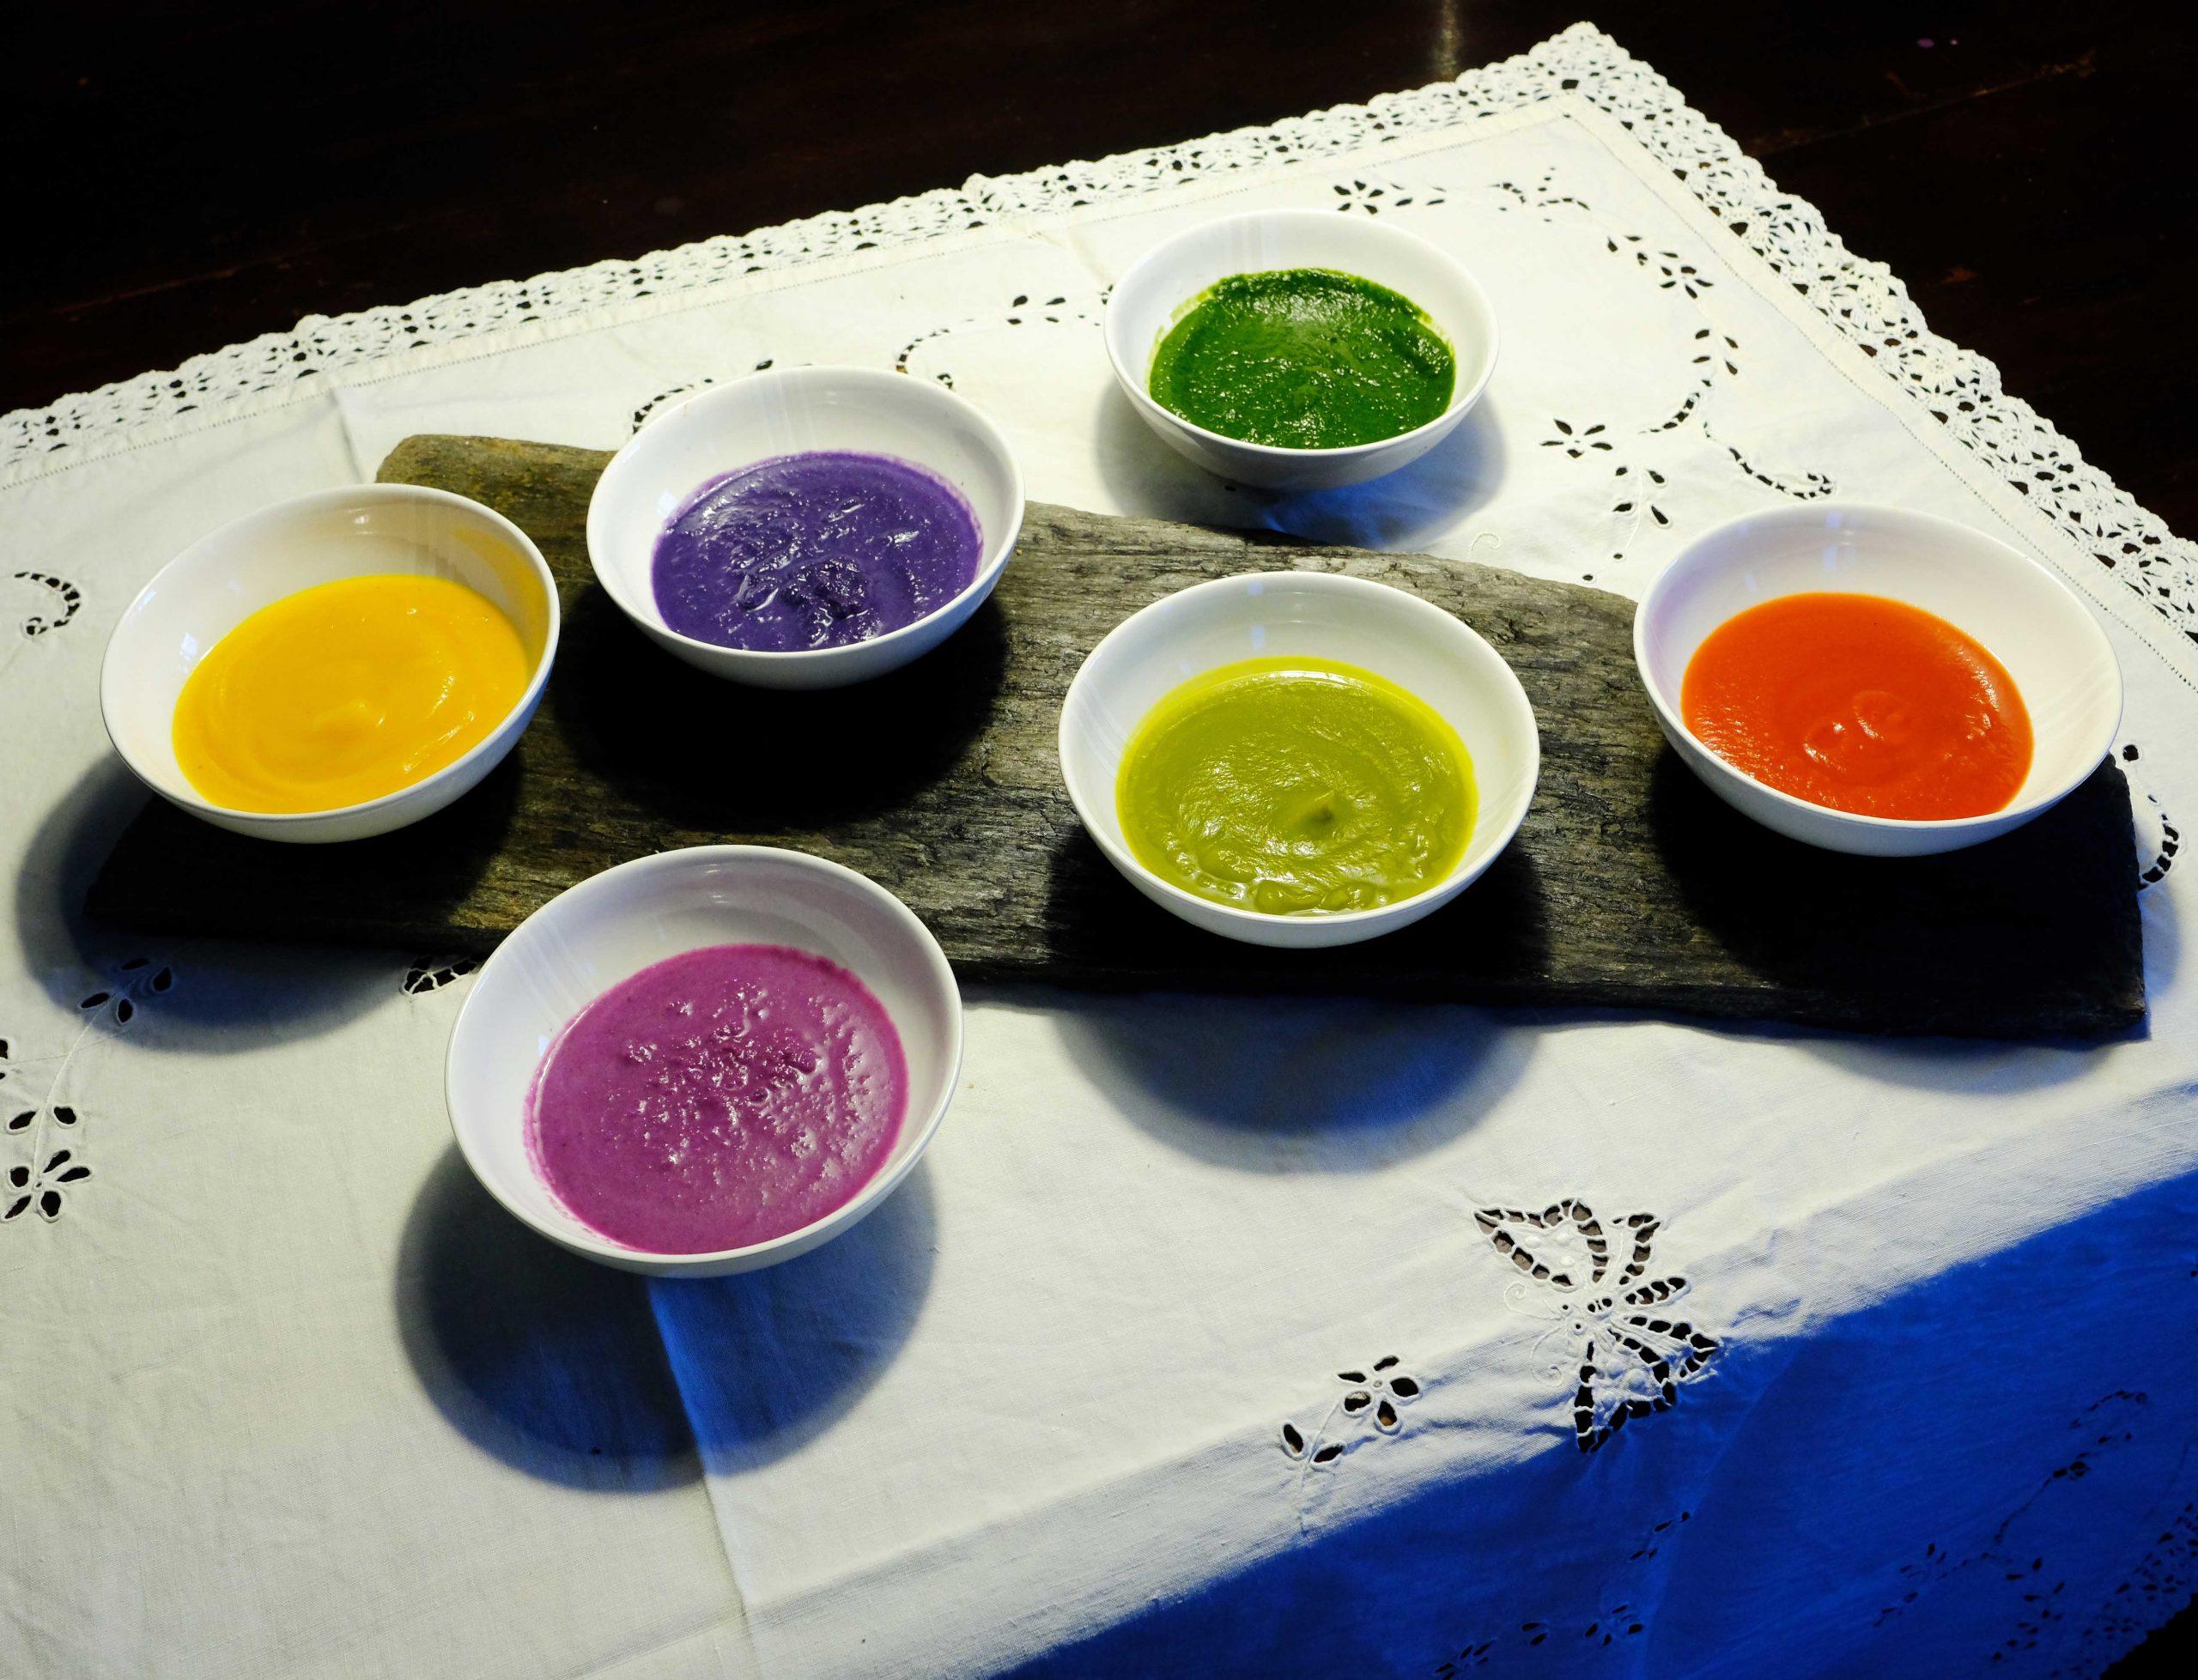 le scodelle di zuppa colorata